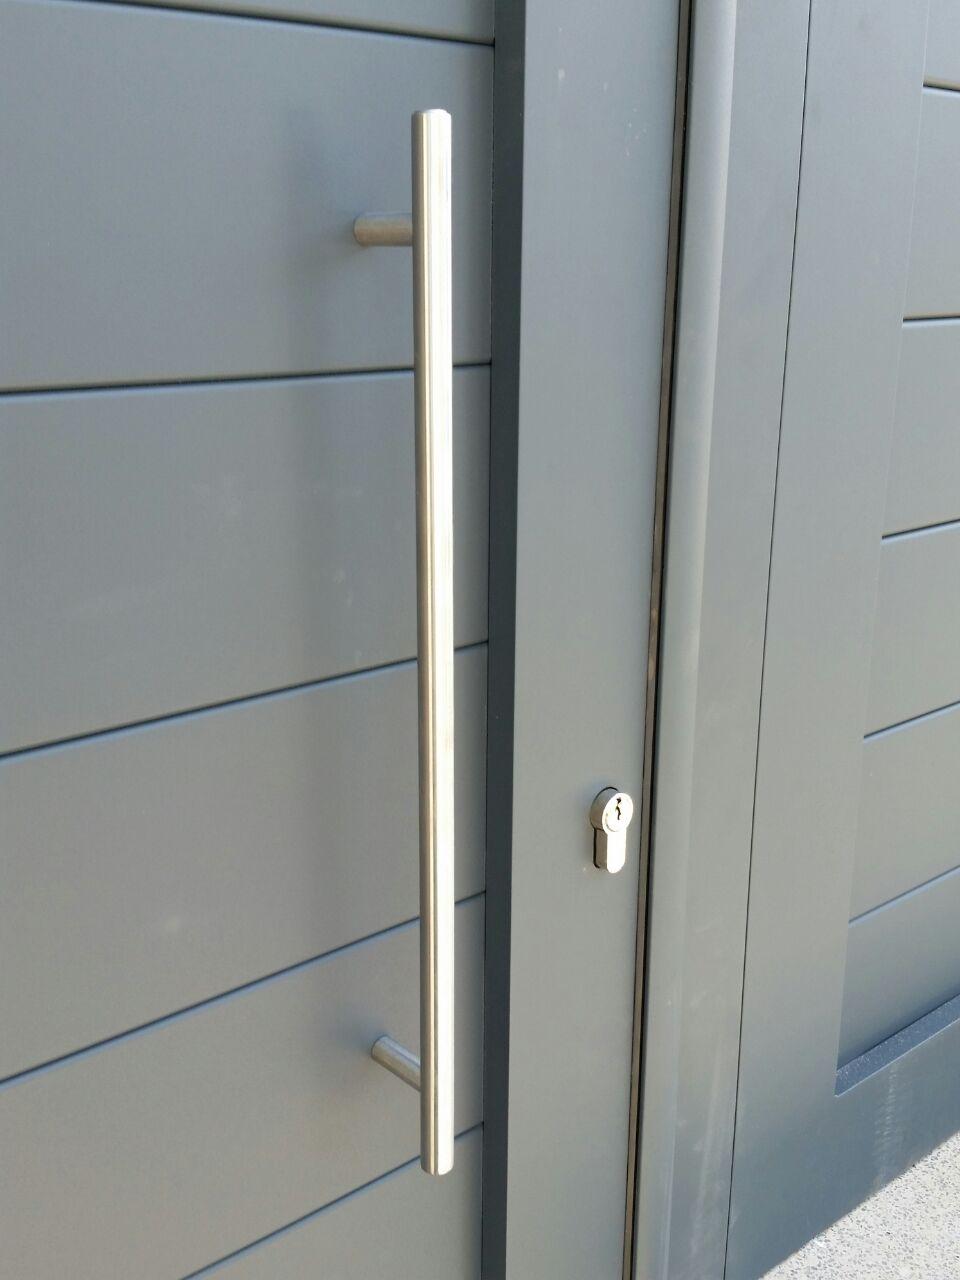 Puertas de aluminio soldado y vallas grupo marver - Modelo de puertas de aluminio ...